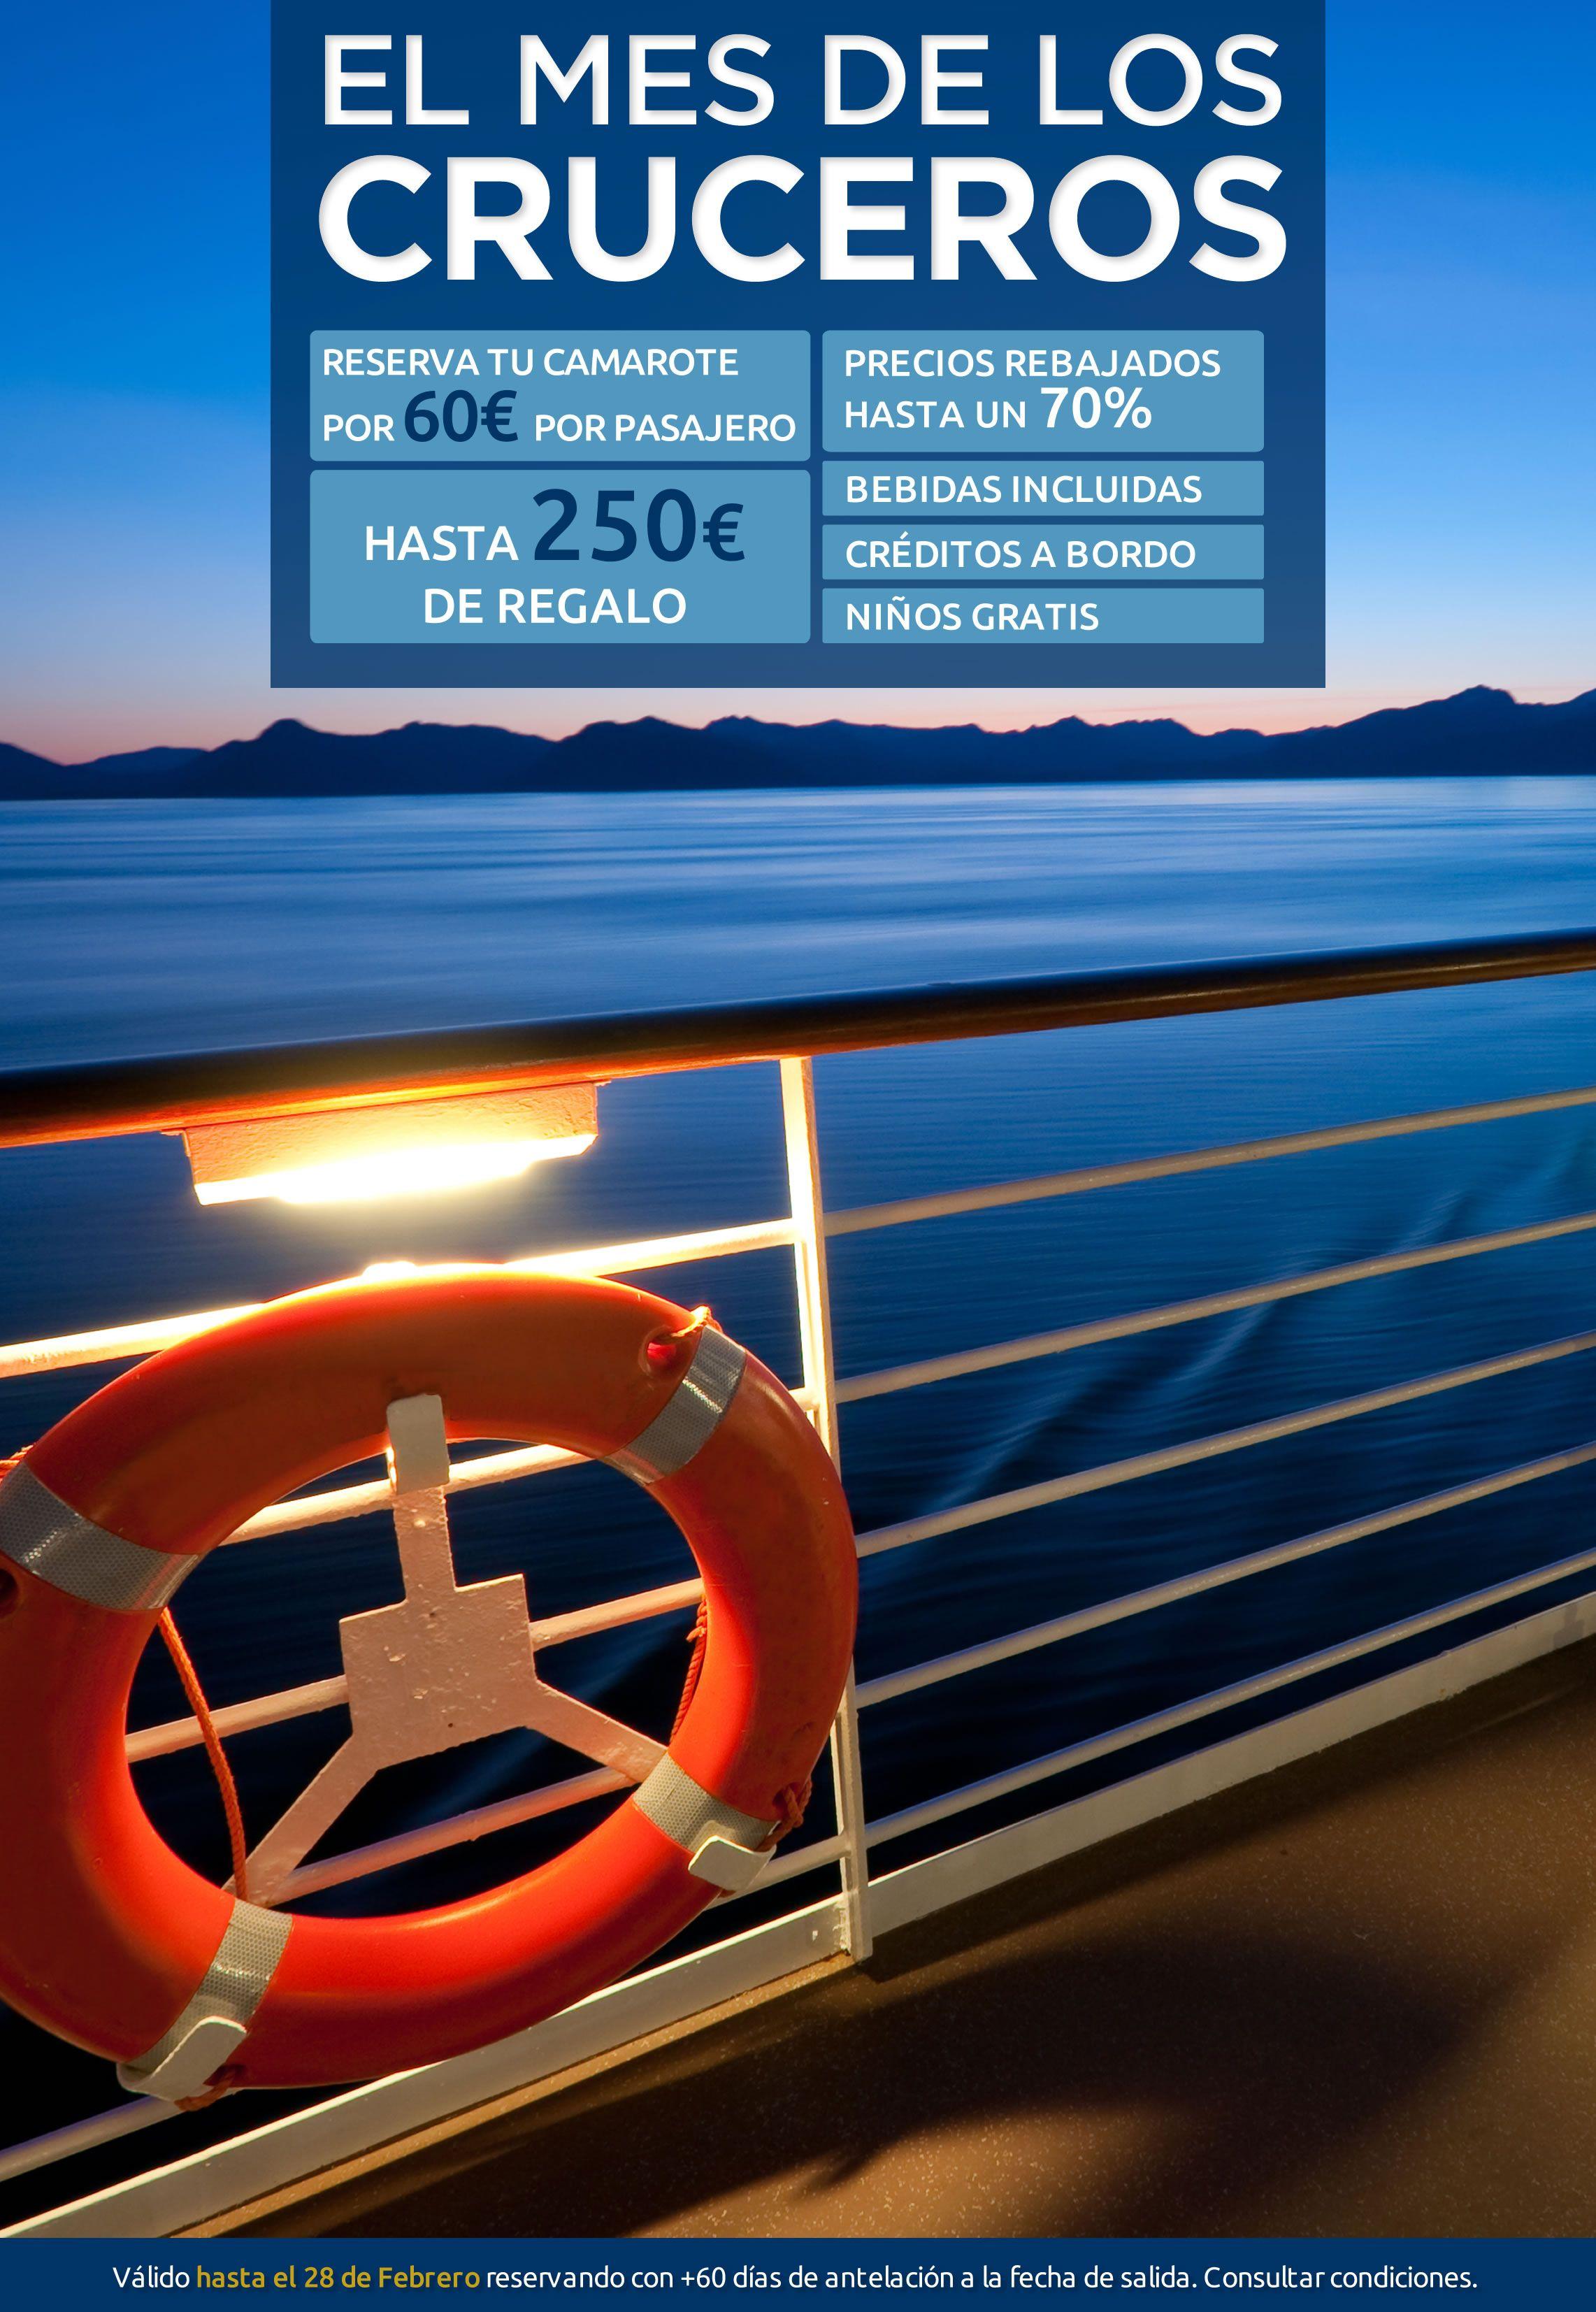 El mes del crucero ofertas ofertas de viaje pinterest - Mes del crucero ...